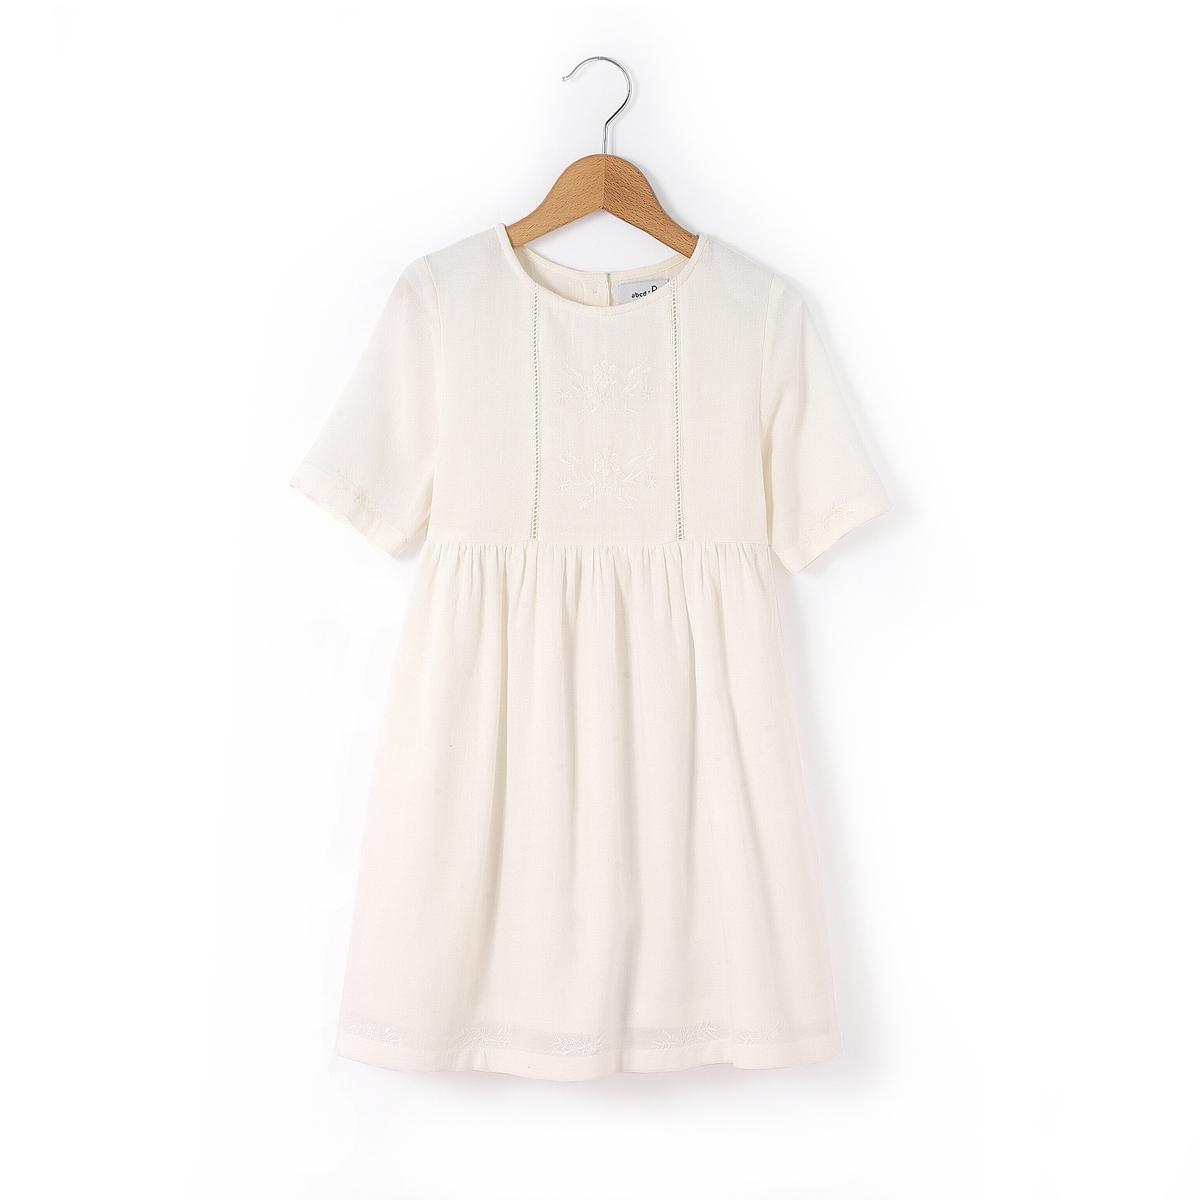 Платье с вышивкой в стиле фолк,  3-12 летПлатье в стиле фолк с рукавами 3/4. Круглый вырез. Вышивка на вставке спереди, подчеркнутой складками, рукавах и снизу. Застёжка на пуговицы сзади. Состав и описание : Материал       100% хлопокДлина    выше колен.  Марка       abcdRУход :Машинная стирка при 40 °С с вещами схожих цветов.Стирать и гладить с изнаночной стороны..Машинная сушка на обычном режиме.Гладить при средней температуре..<br><br>Цвет: розовый,экрю<br>Размер: 3 года - 94 см.12 лет -150 см.4 года - 102 см.8 лет - 126 см